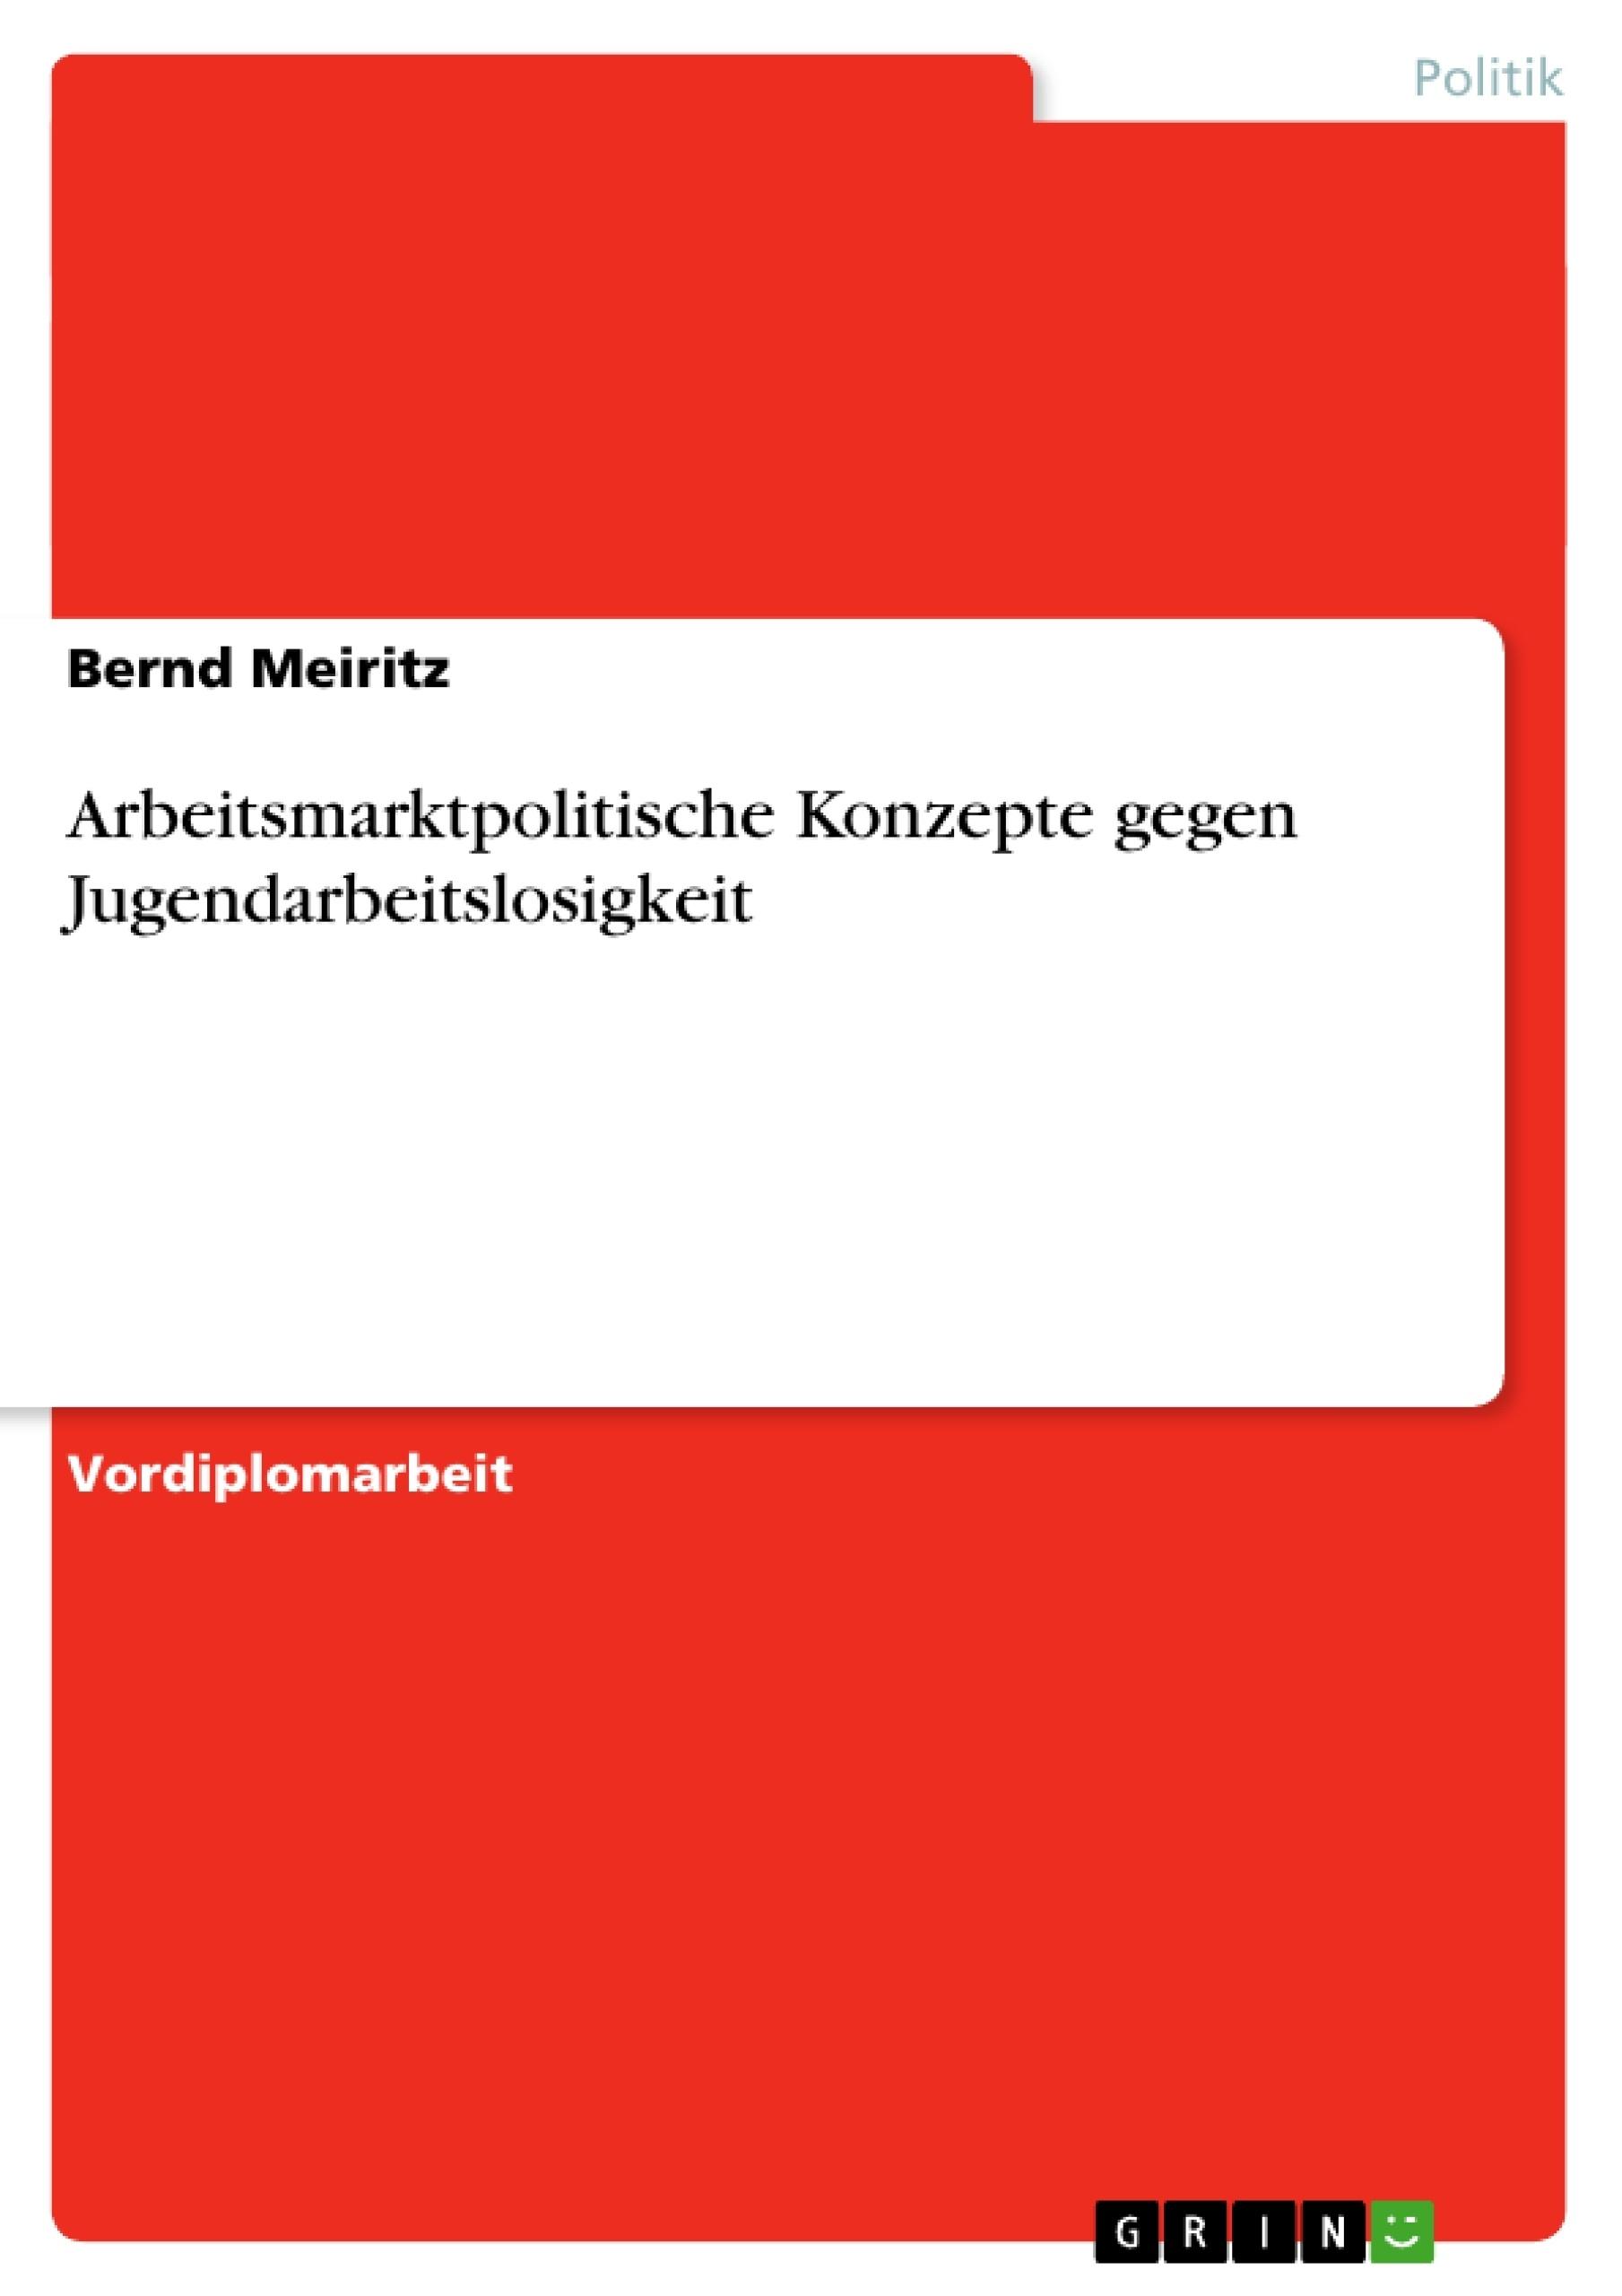 Titel: Arbeitsmarktpolitische Konzepte gegen Jugendarbeitslosigkeit